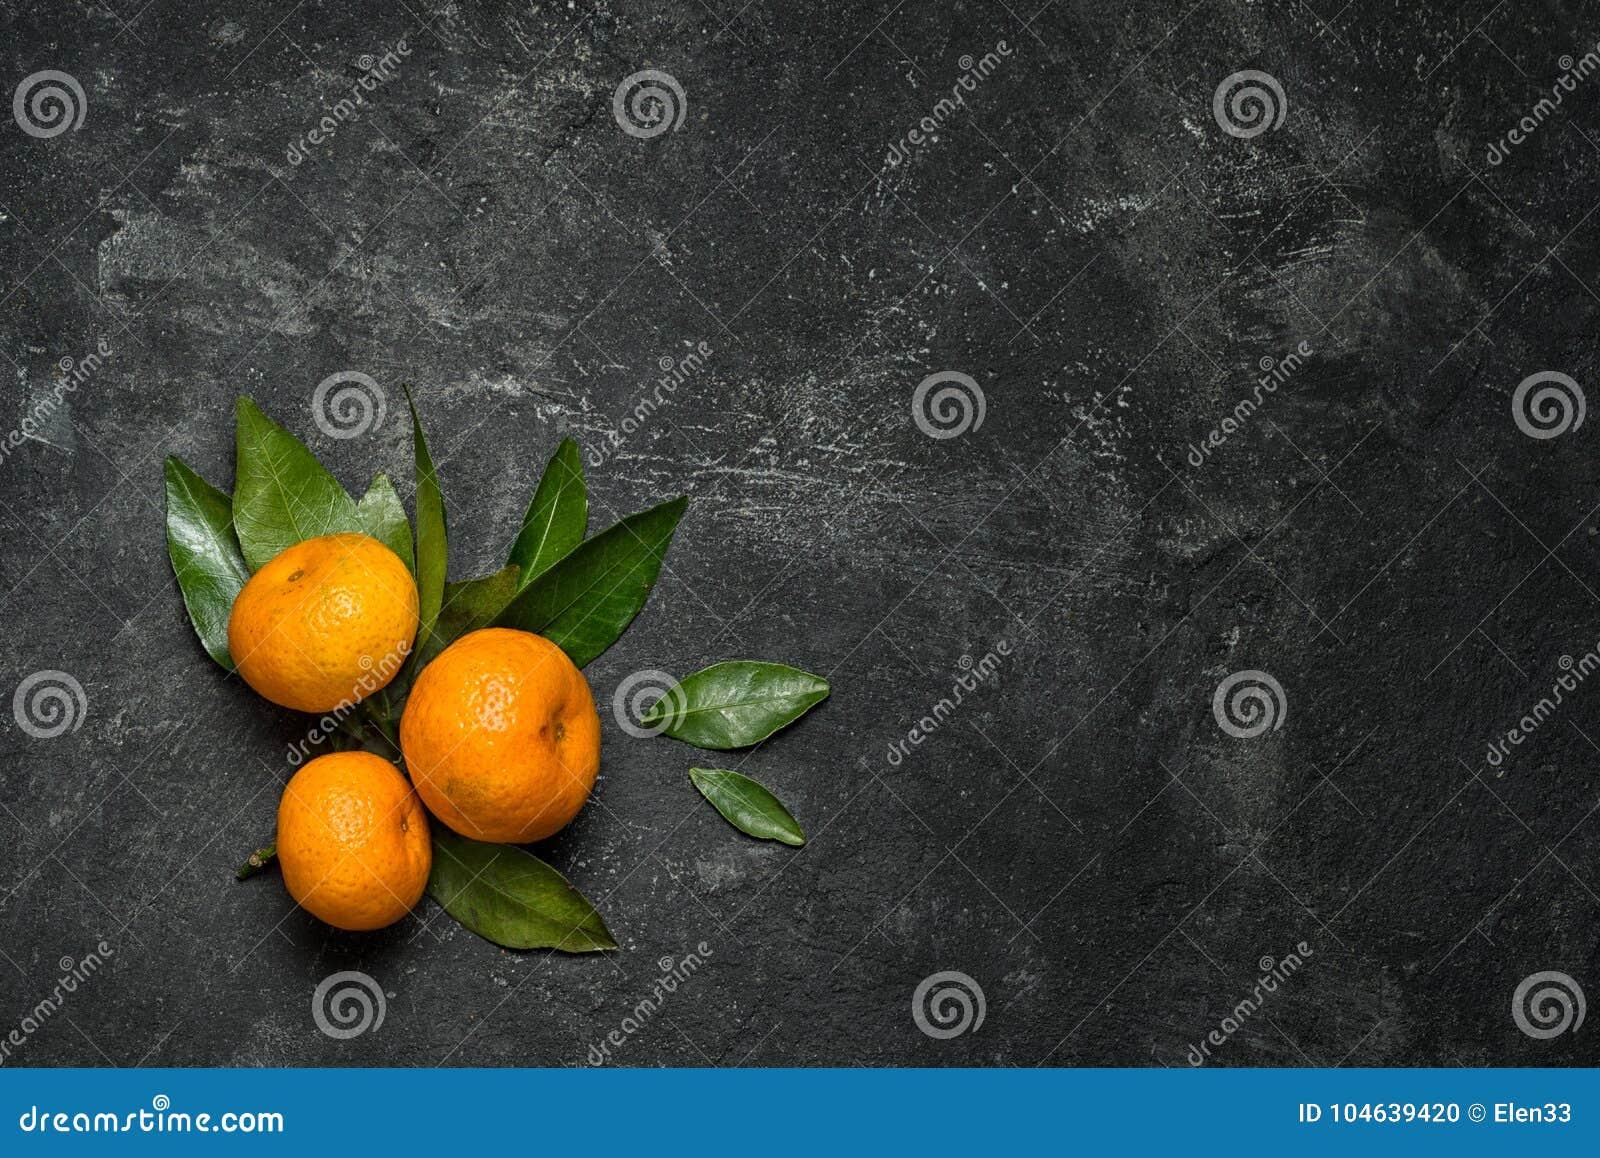 Download Mandarines stock foto. Afbeelding bestaande uit blad - 104639420